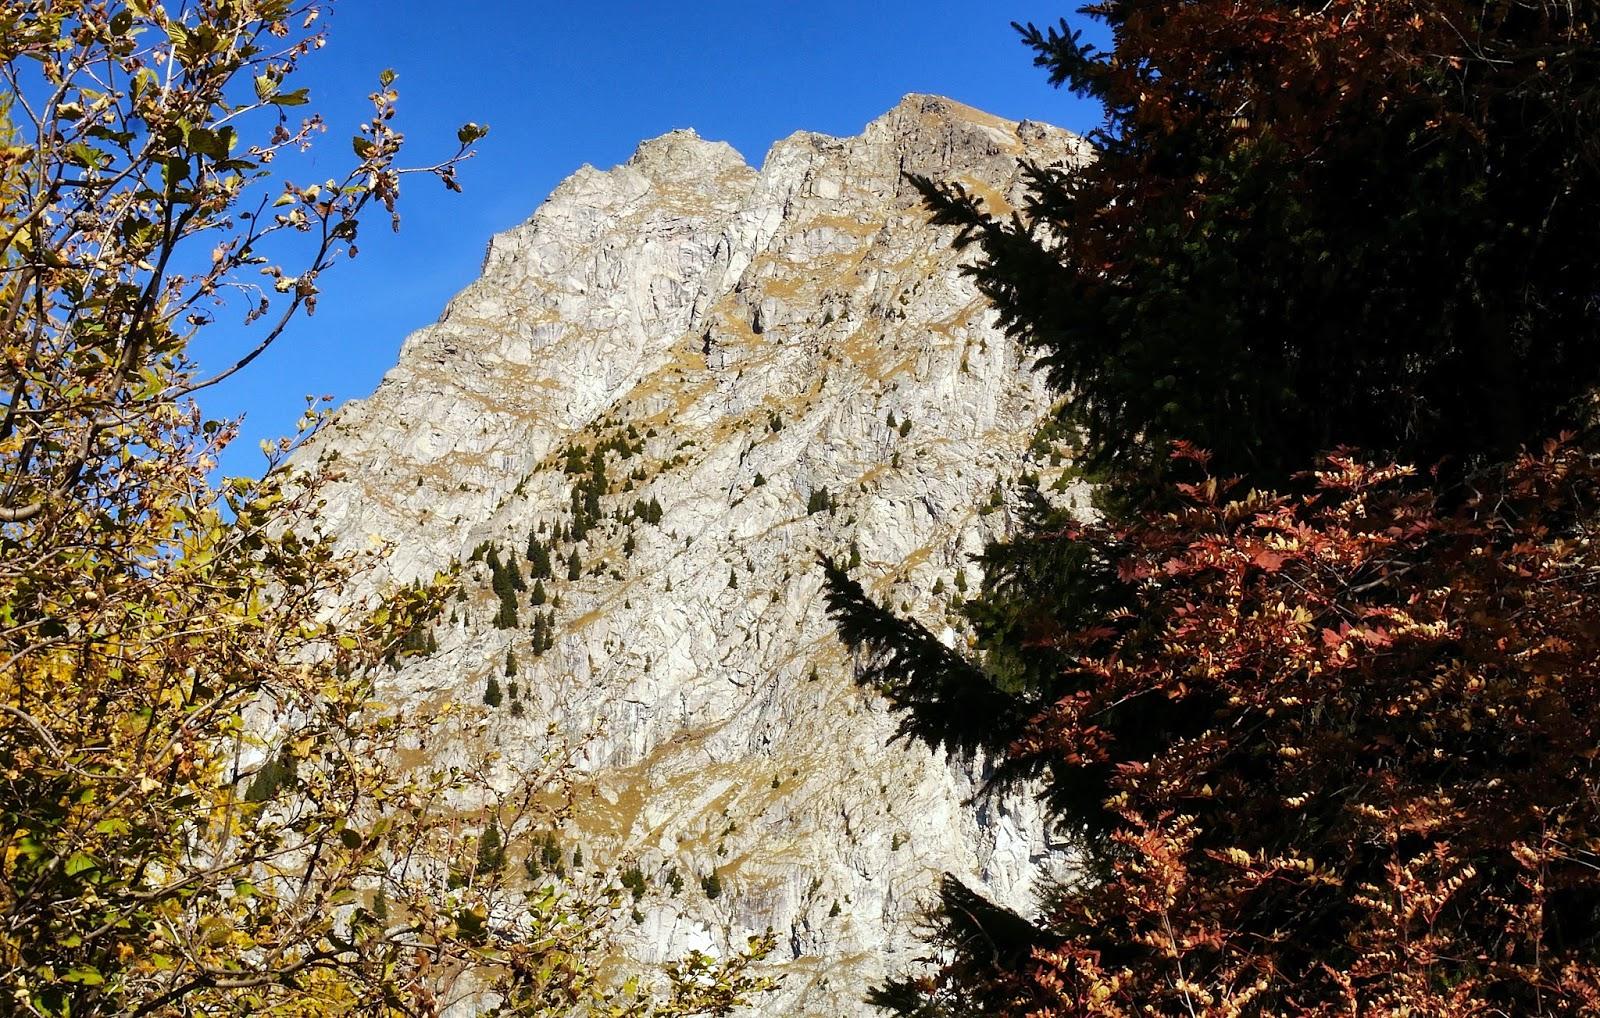 Klettersteig Ifinger : Ziele schenna eröffnet neuen klettersteig airfreshing